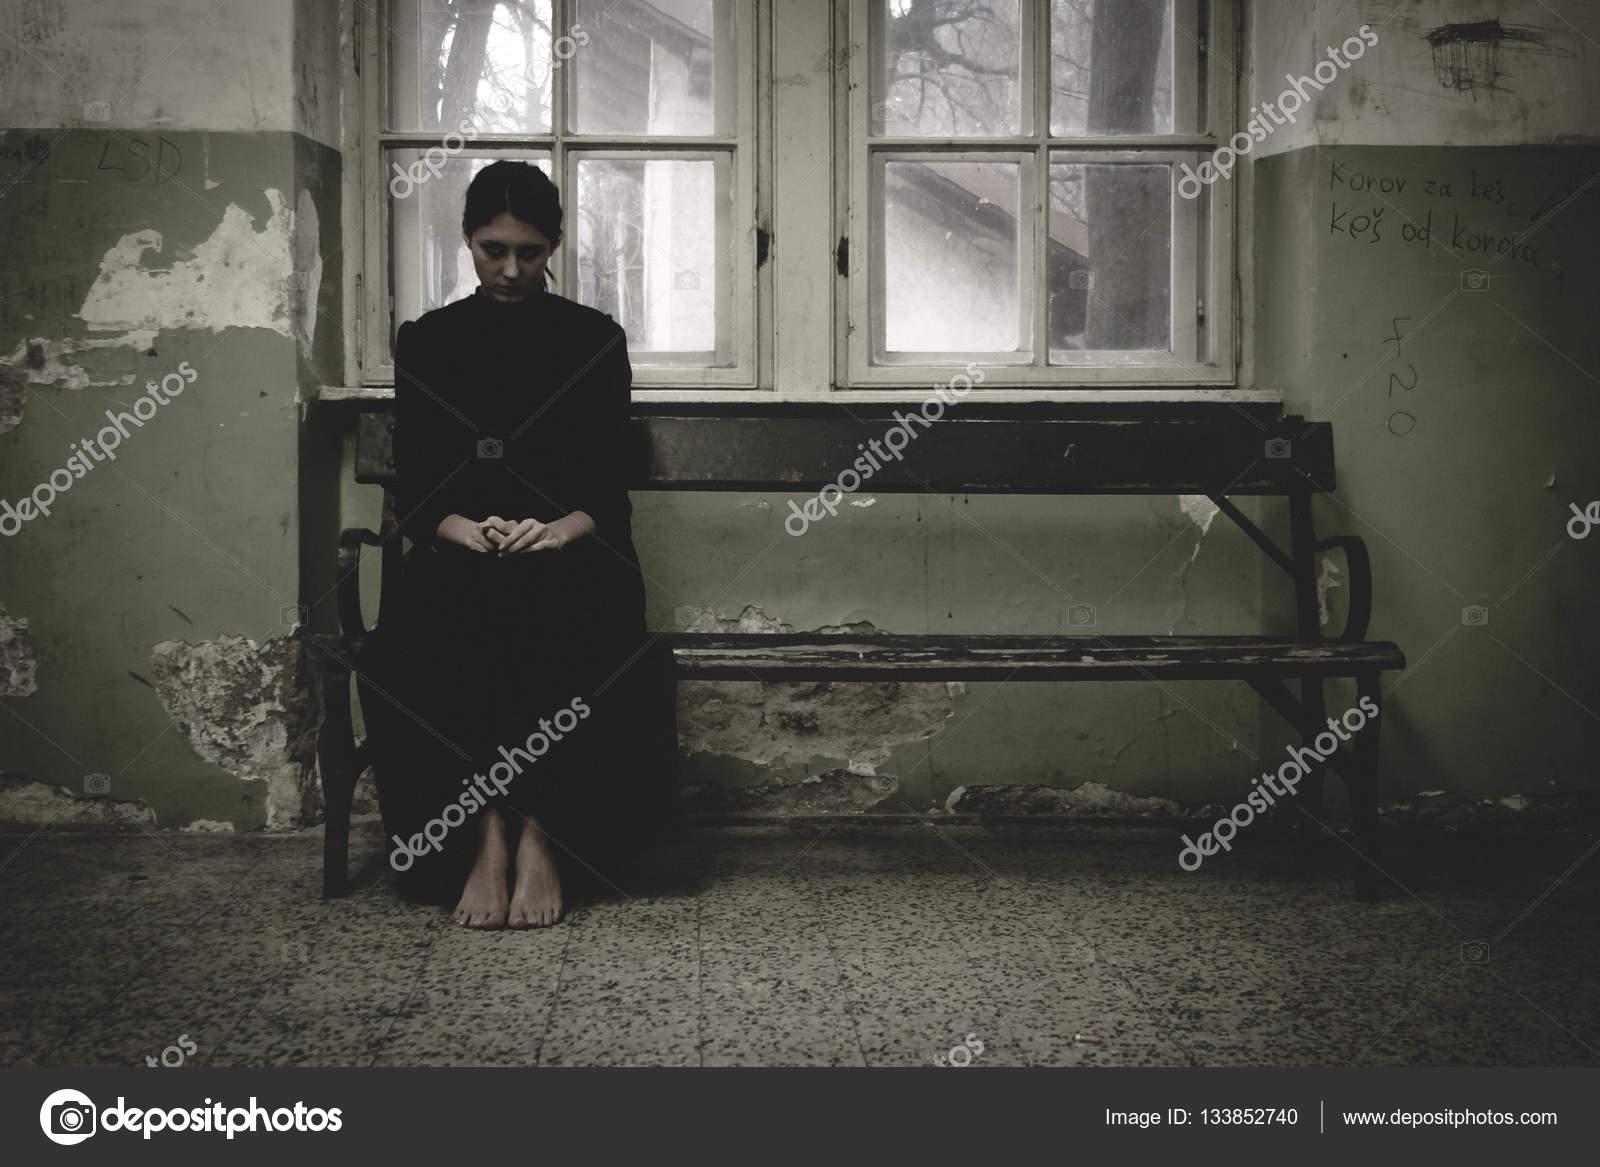 Aparicion de mujer vestida de negro